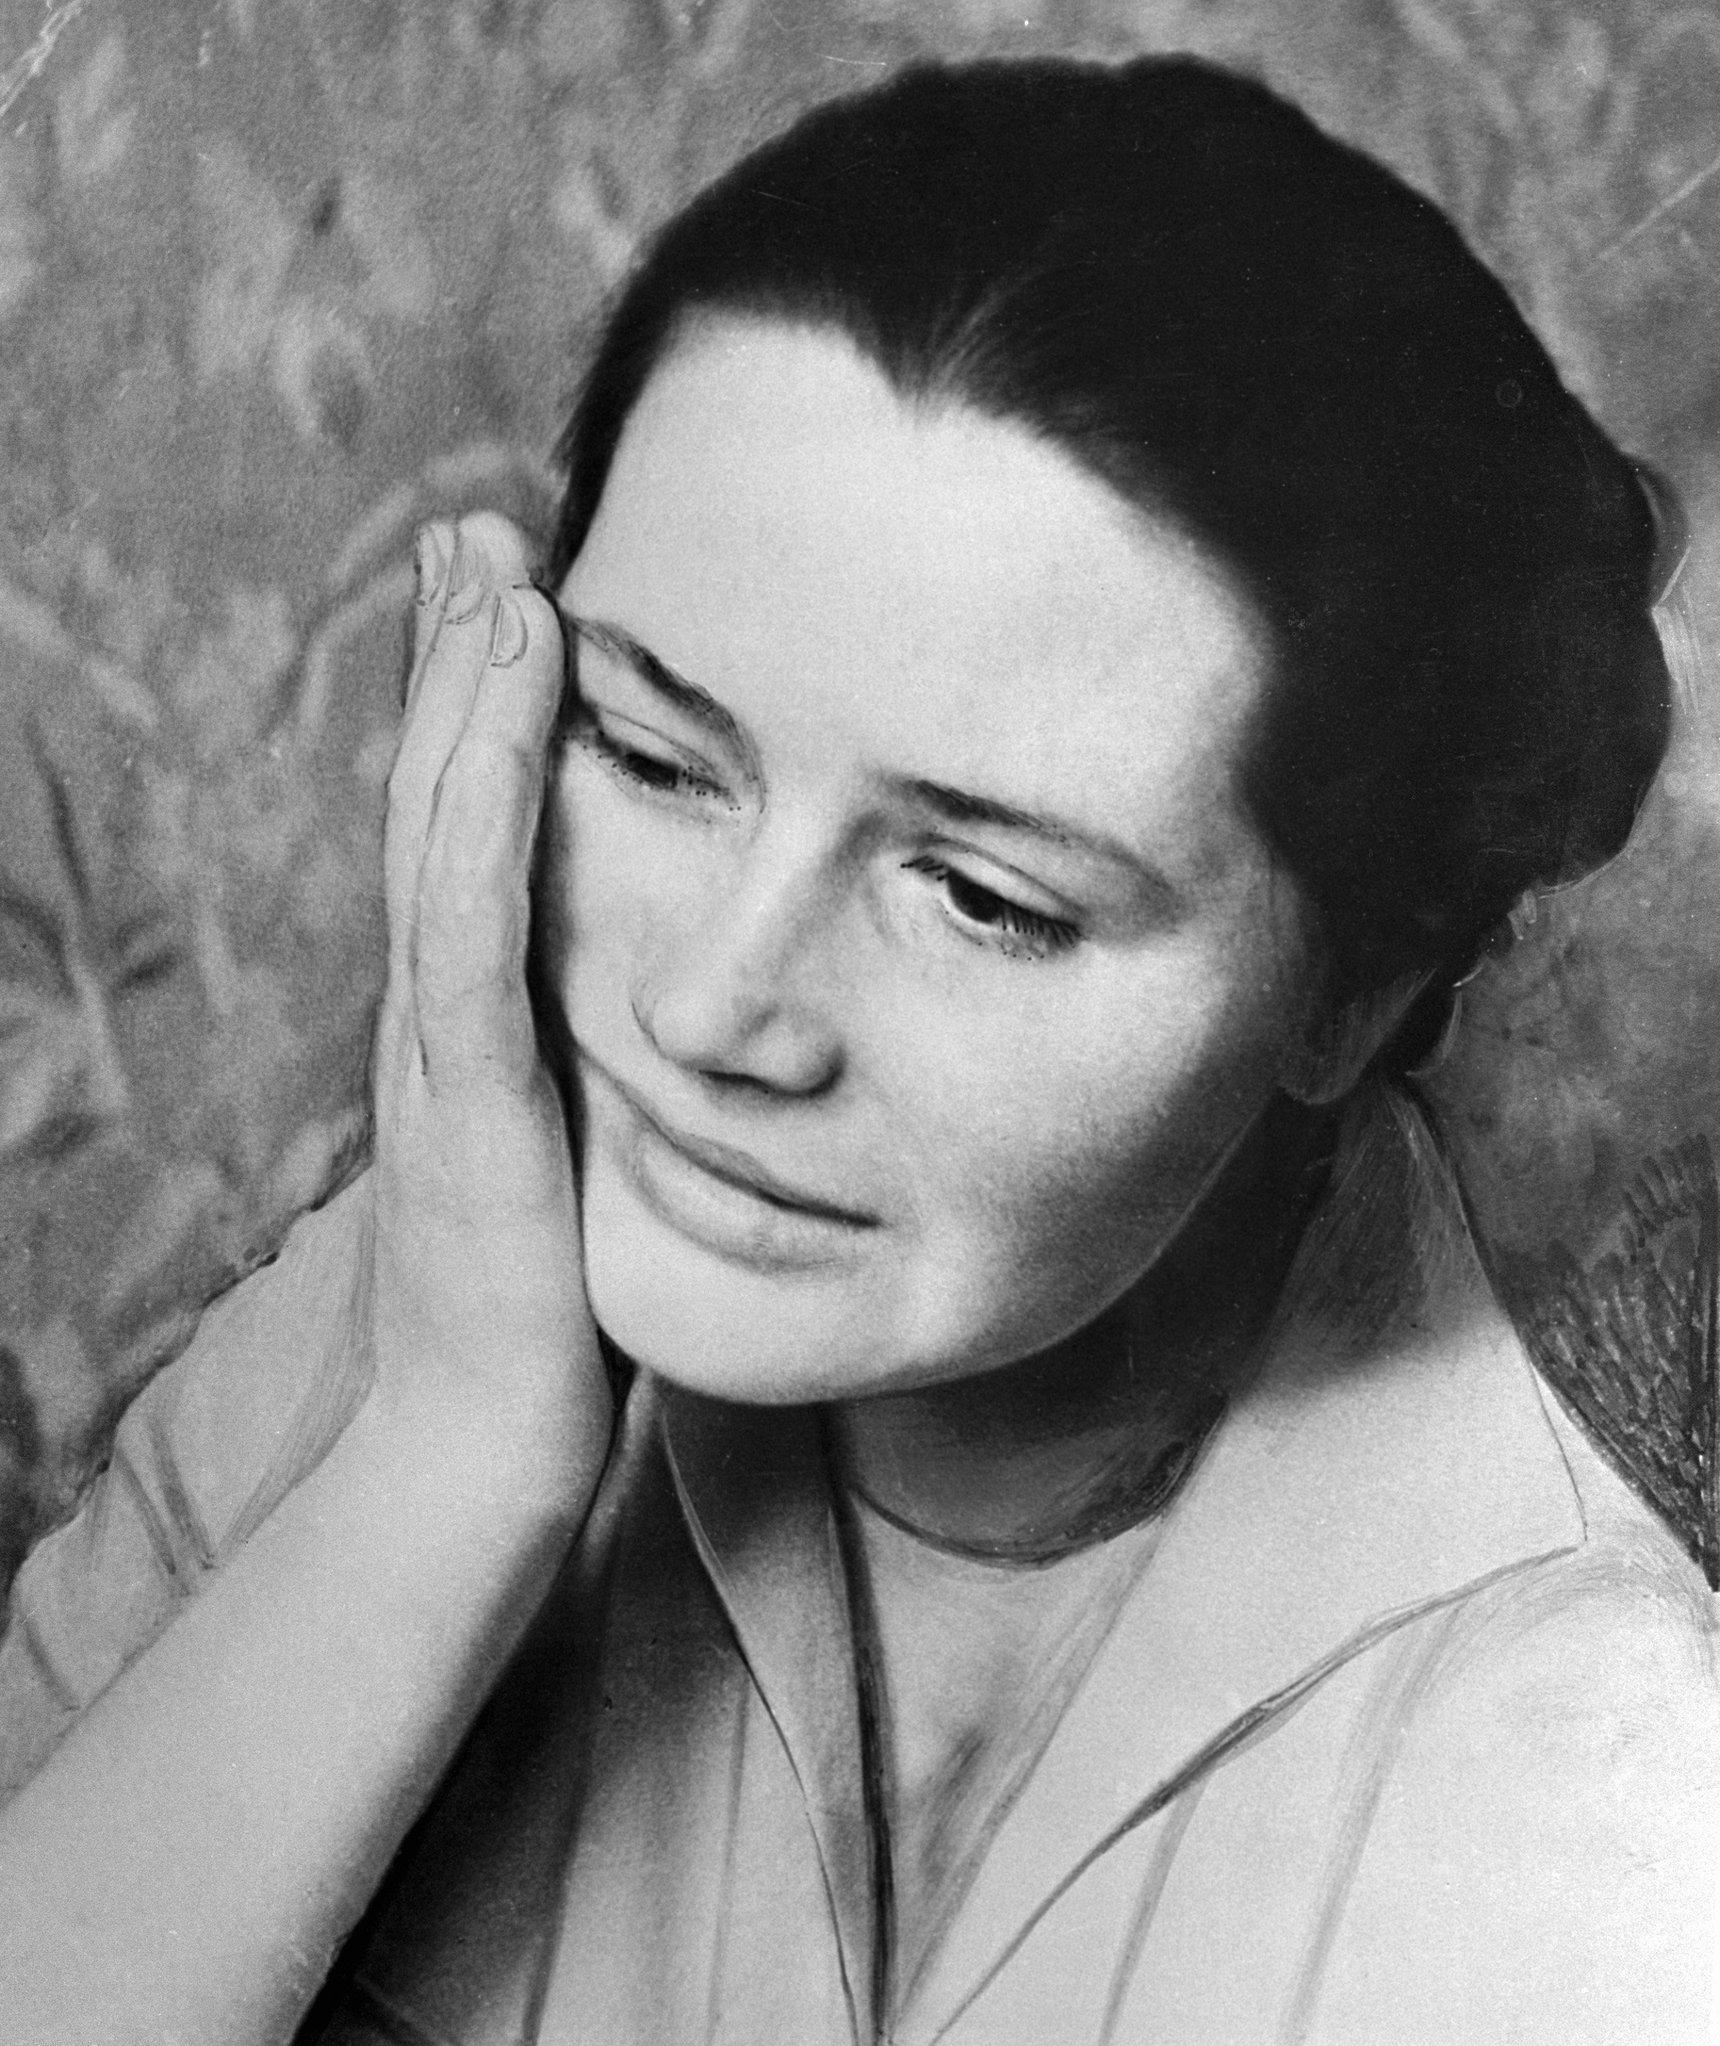 1961年4月12日,瓦莲金娜·加加林:幸福的眼泪